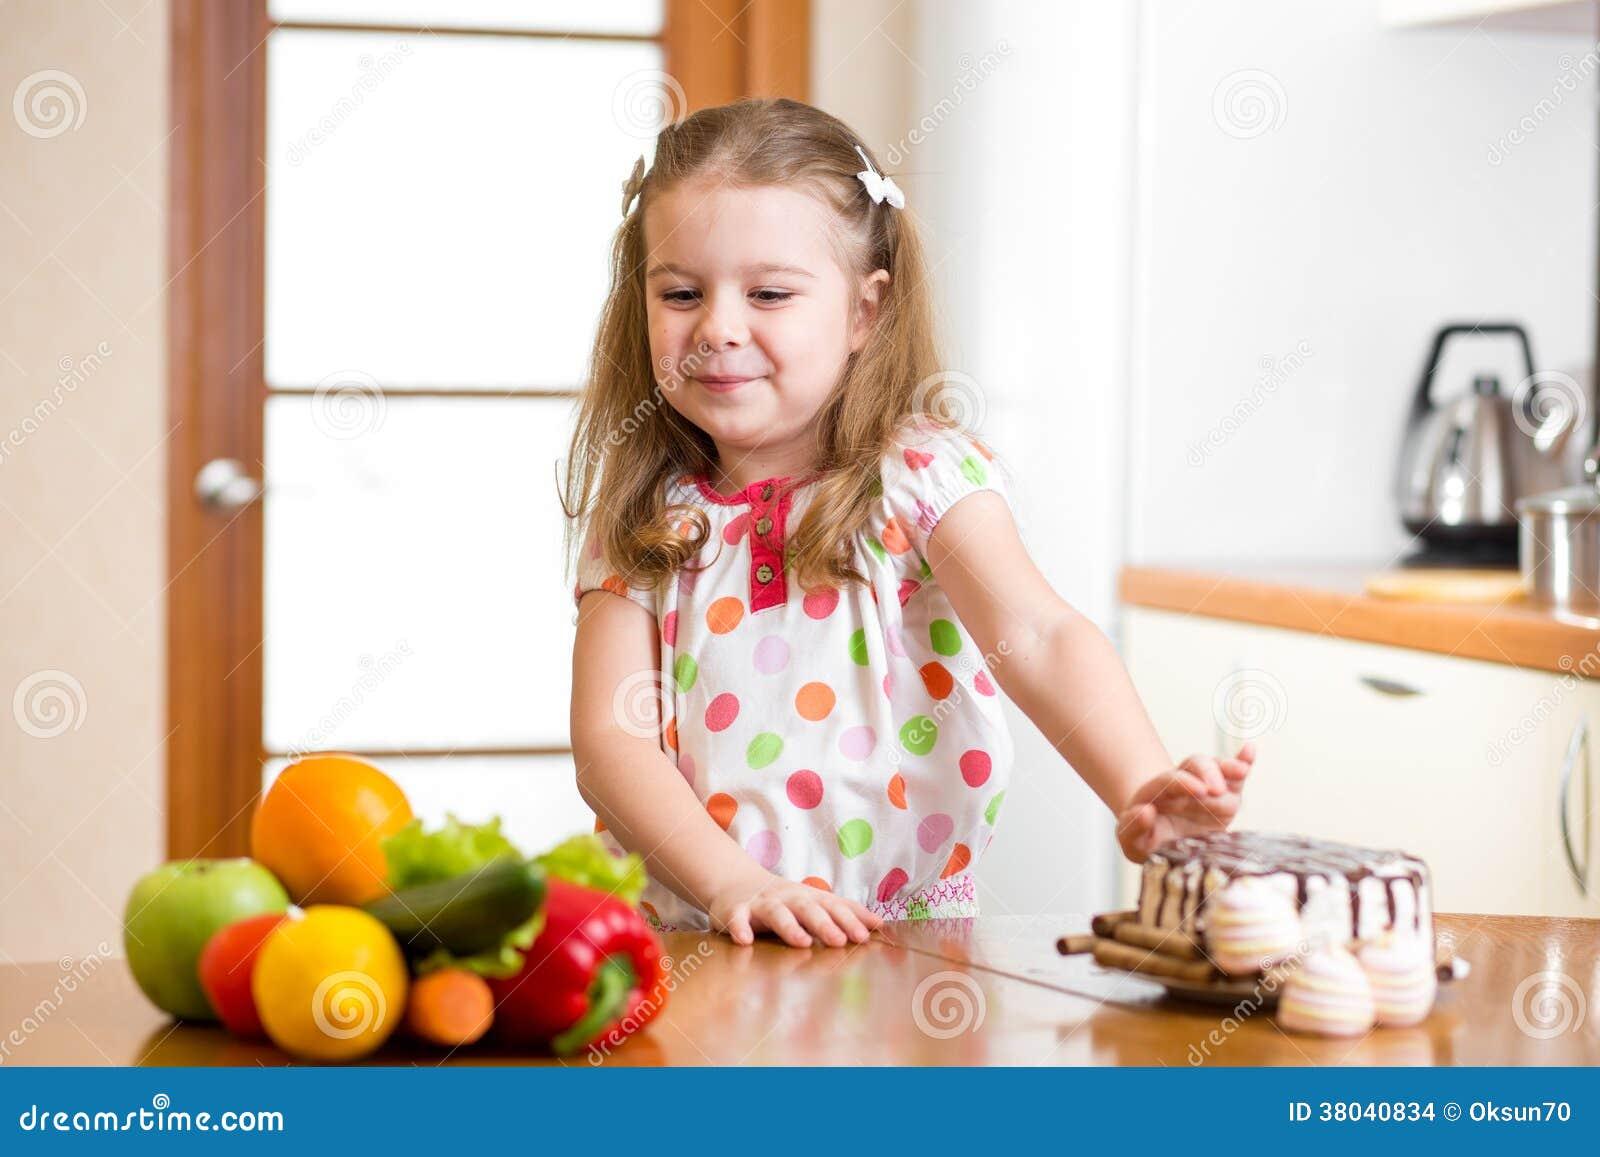 Criança que recusa o alimento prejudicial em favor dos vegetais